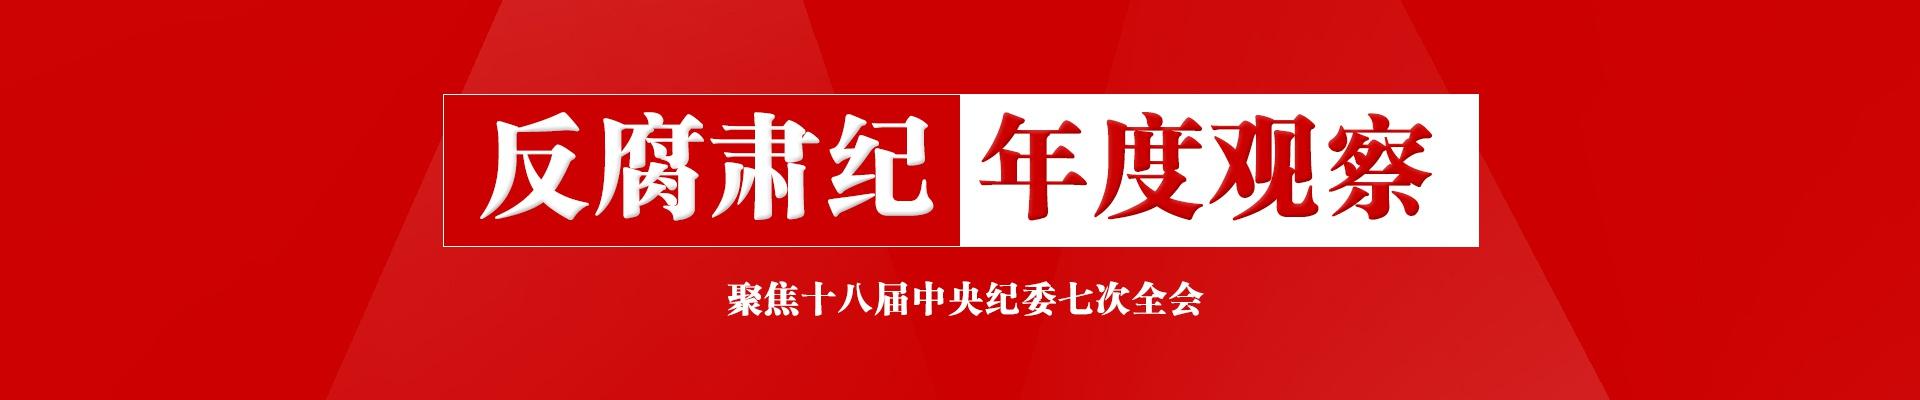 反腐肃纪年度观察・聚焦十八届中央纪委七次全会